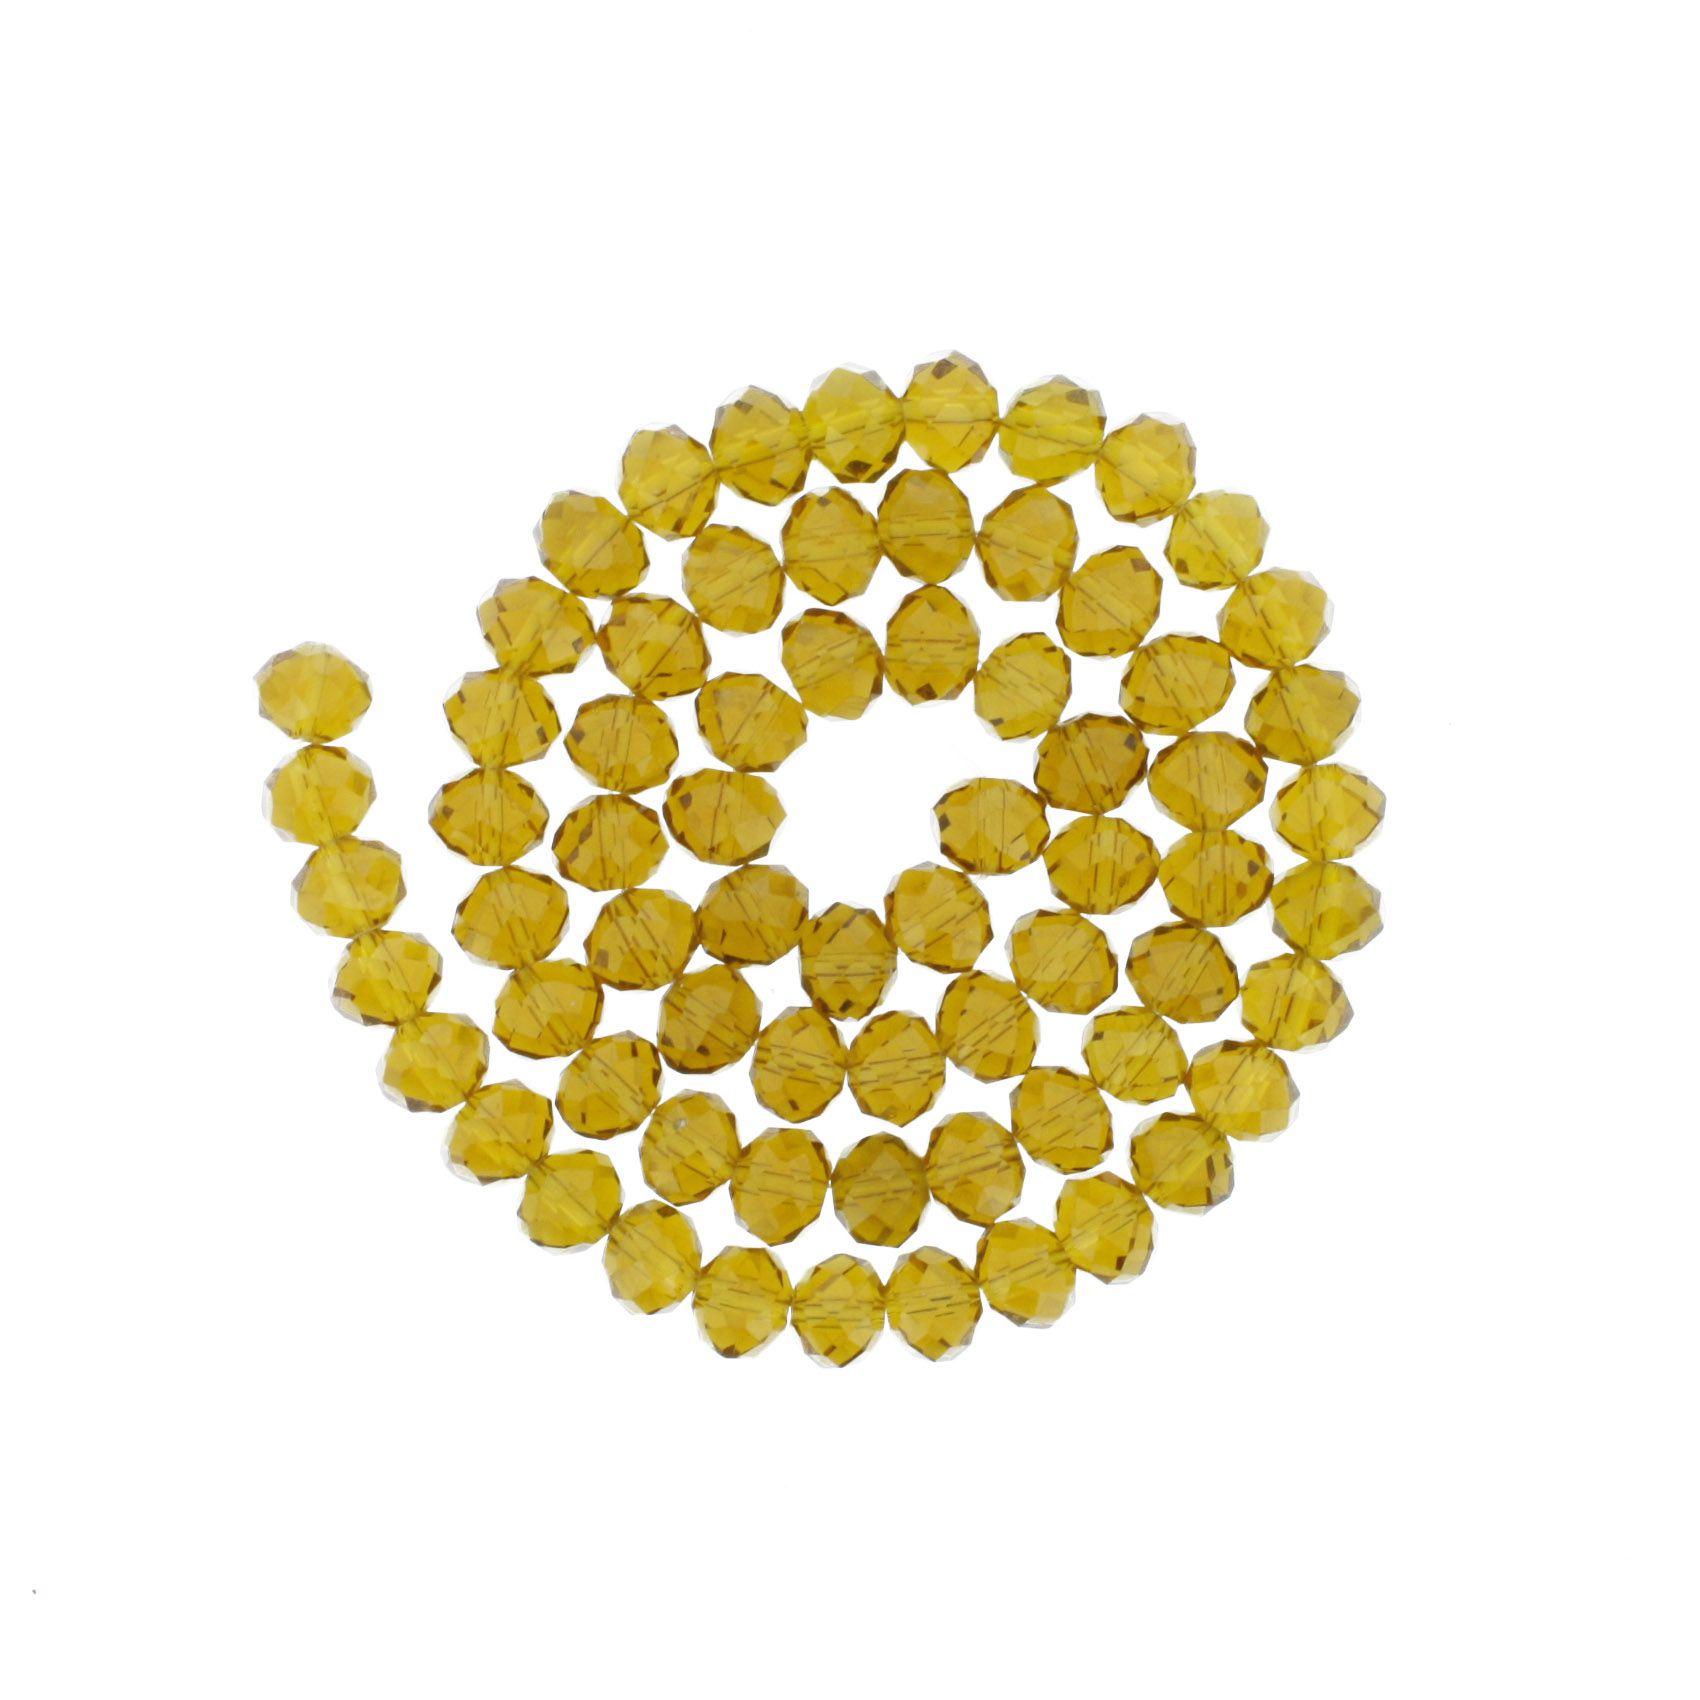 Fio de Cristal - Piatto® - Âmbar - 10mm  - Universo Religioso® - Artigos de Umbanda e Candomblé